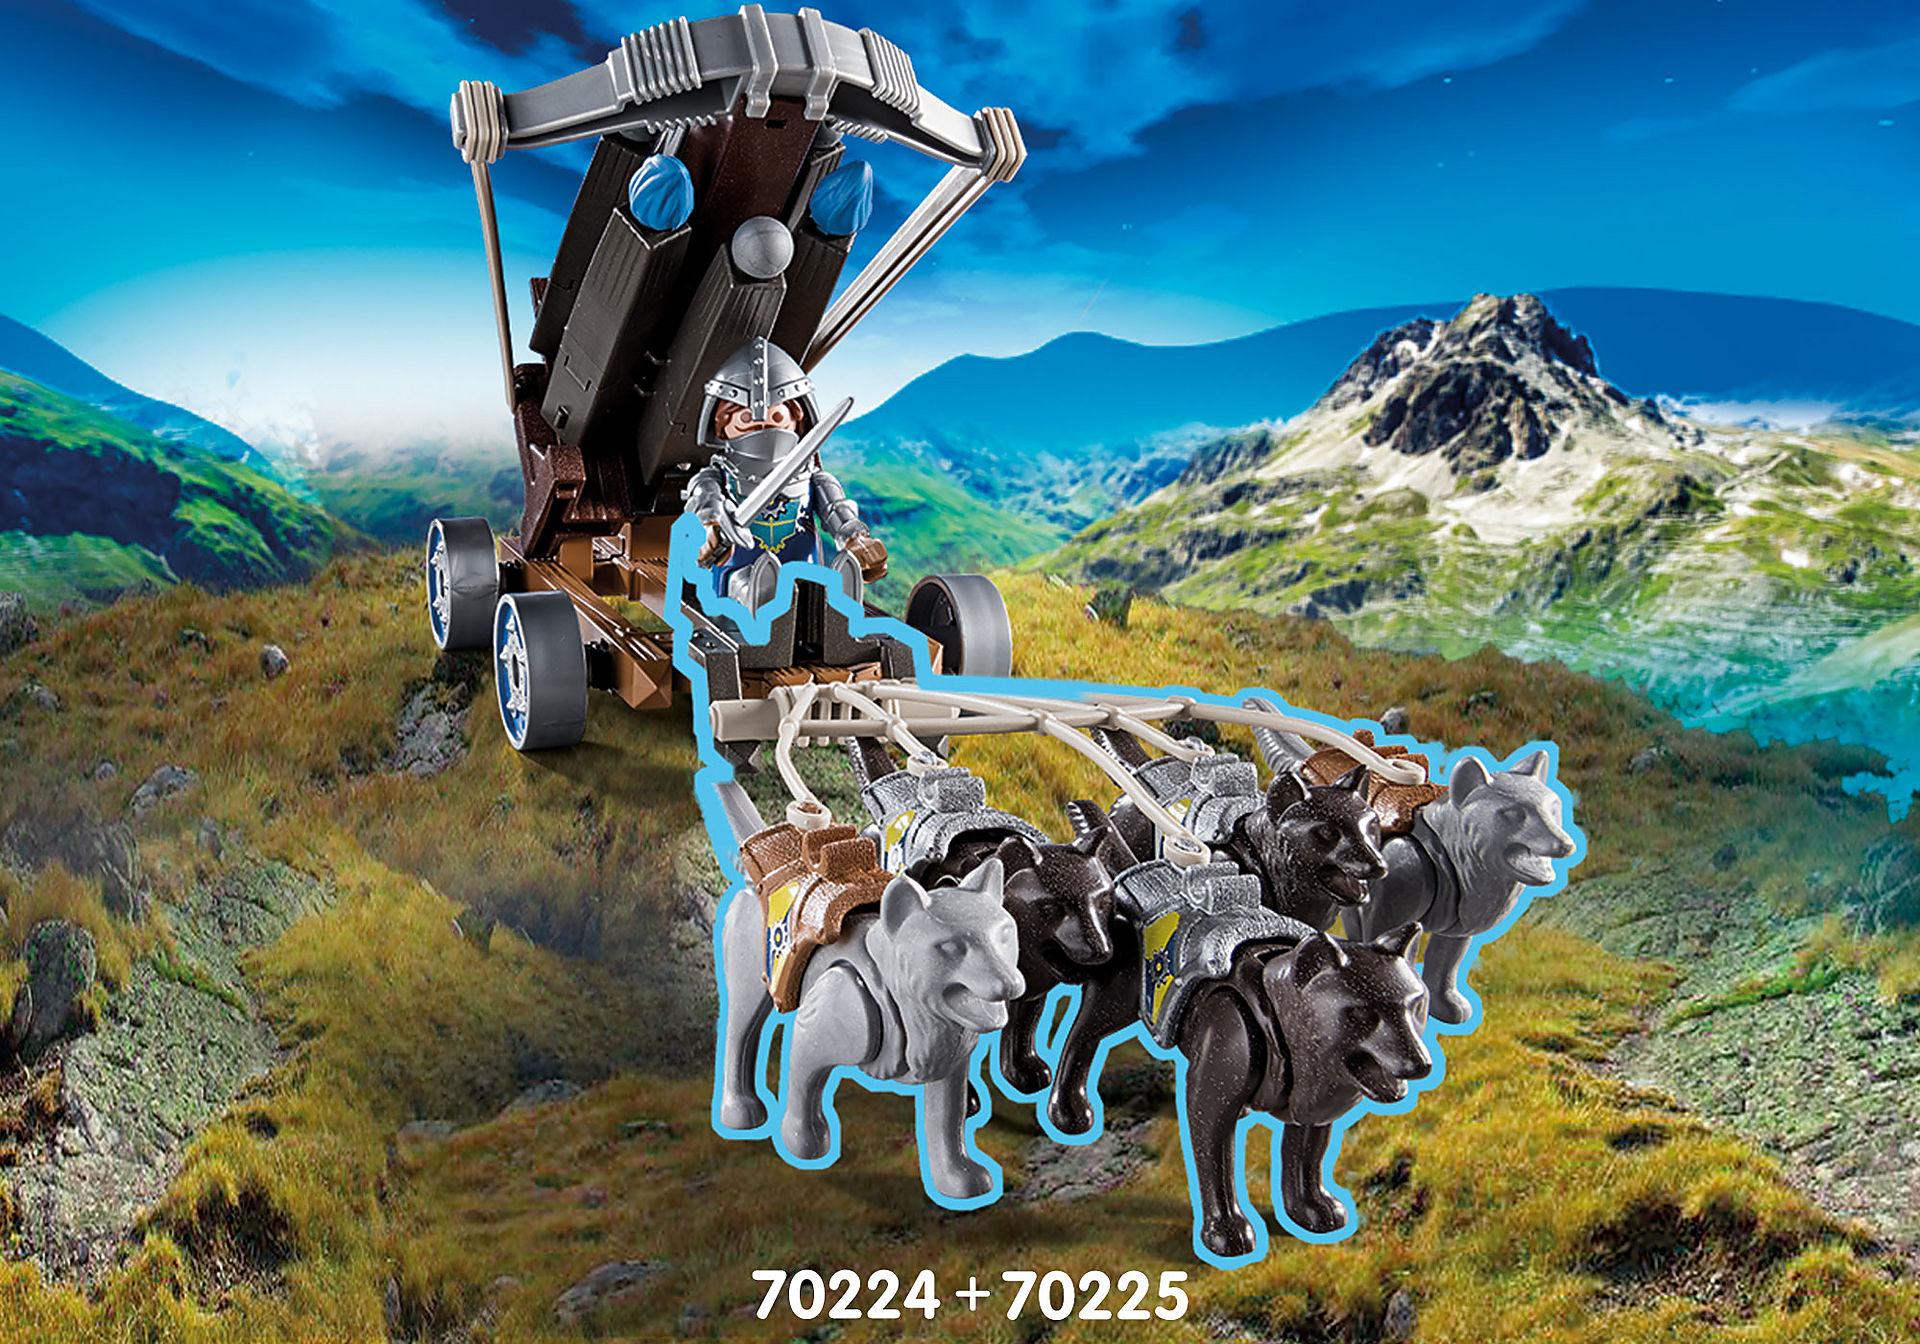 70224 Ballesta de Agua Novelmore zoom image5